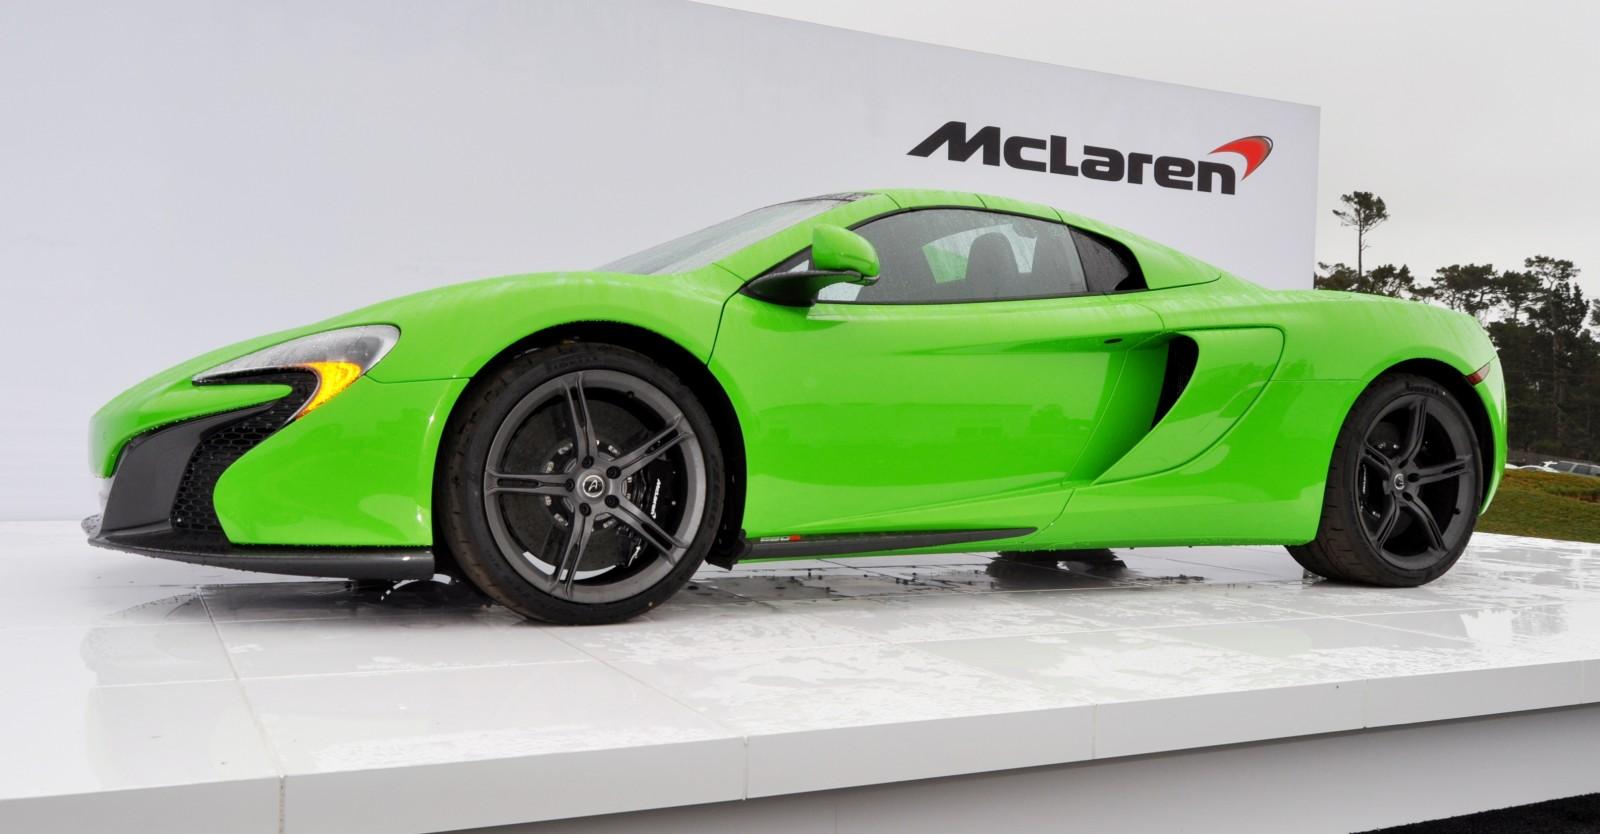 http://www.car-revs-daily.com/wp-content/uploads/Car-Revs-Daily.com-2014-McLaren-650S-Spider-MANTIS-GREEN-Pebble-Beach-2-1600x834.jpg